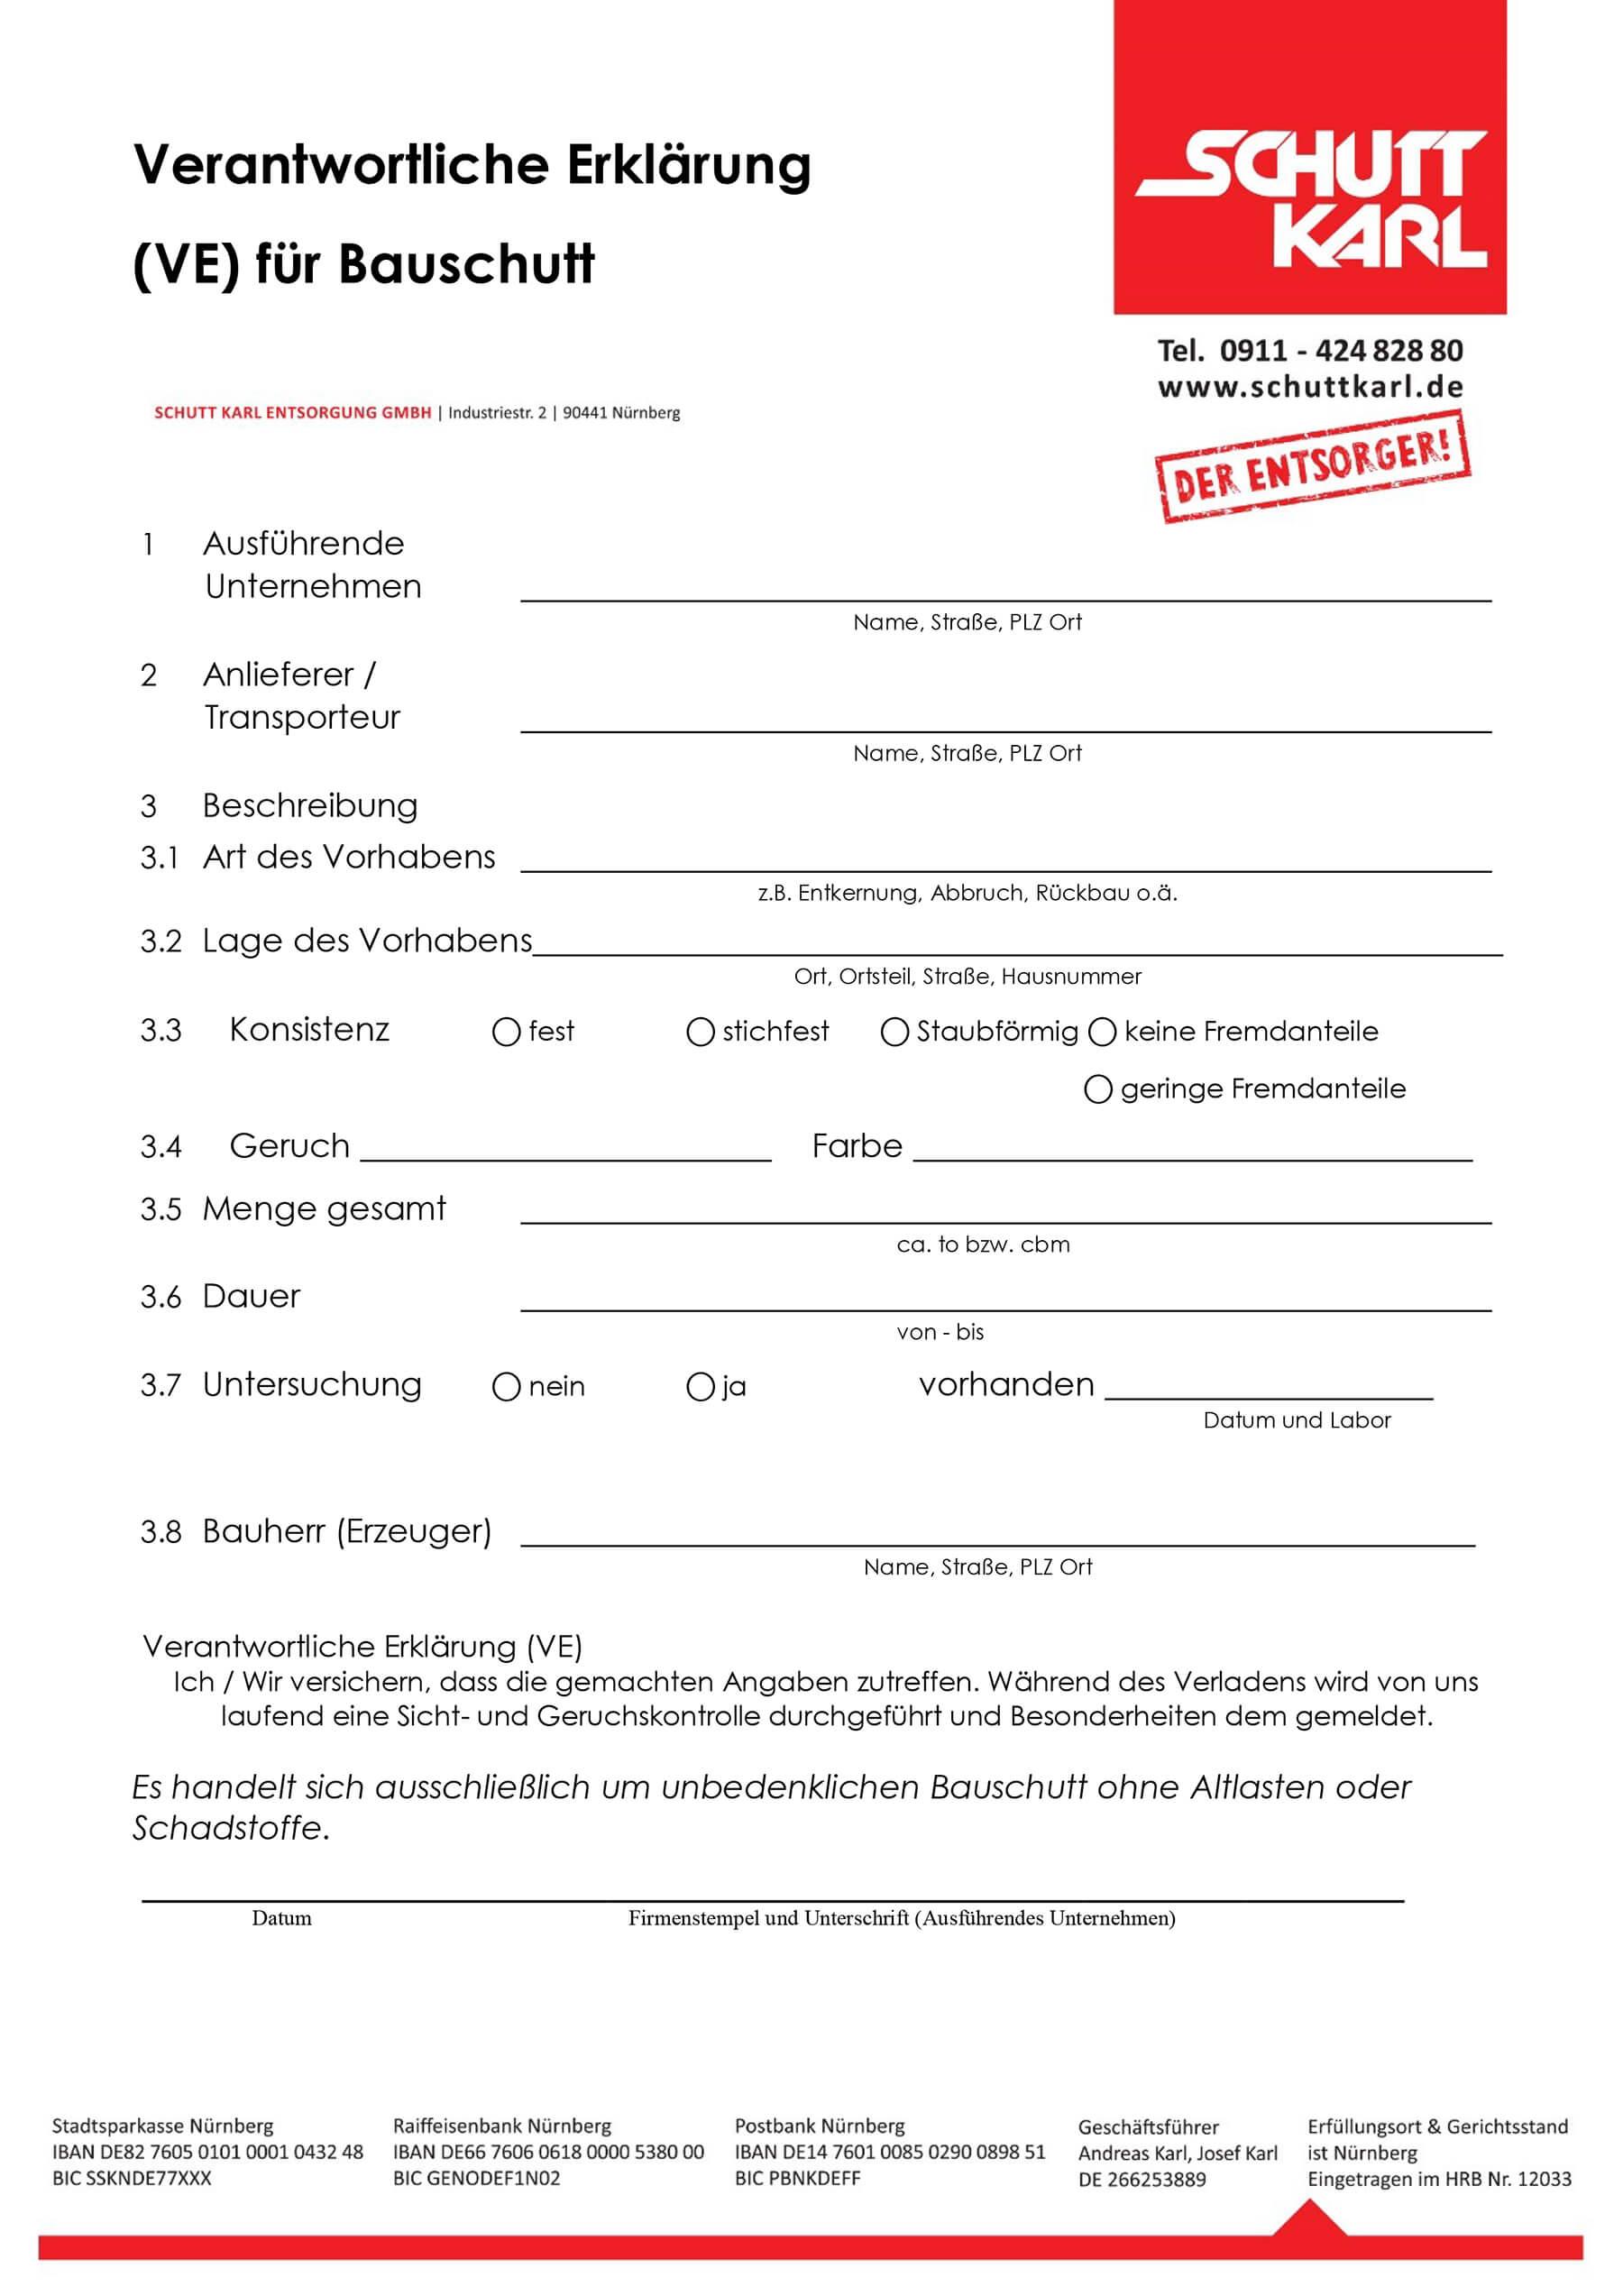 Schutt Karl | VE Bauschutt